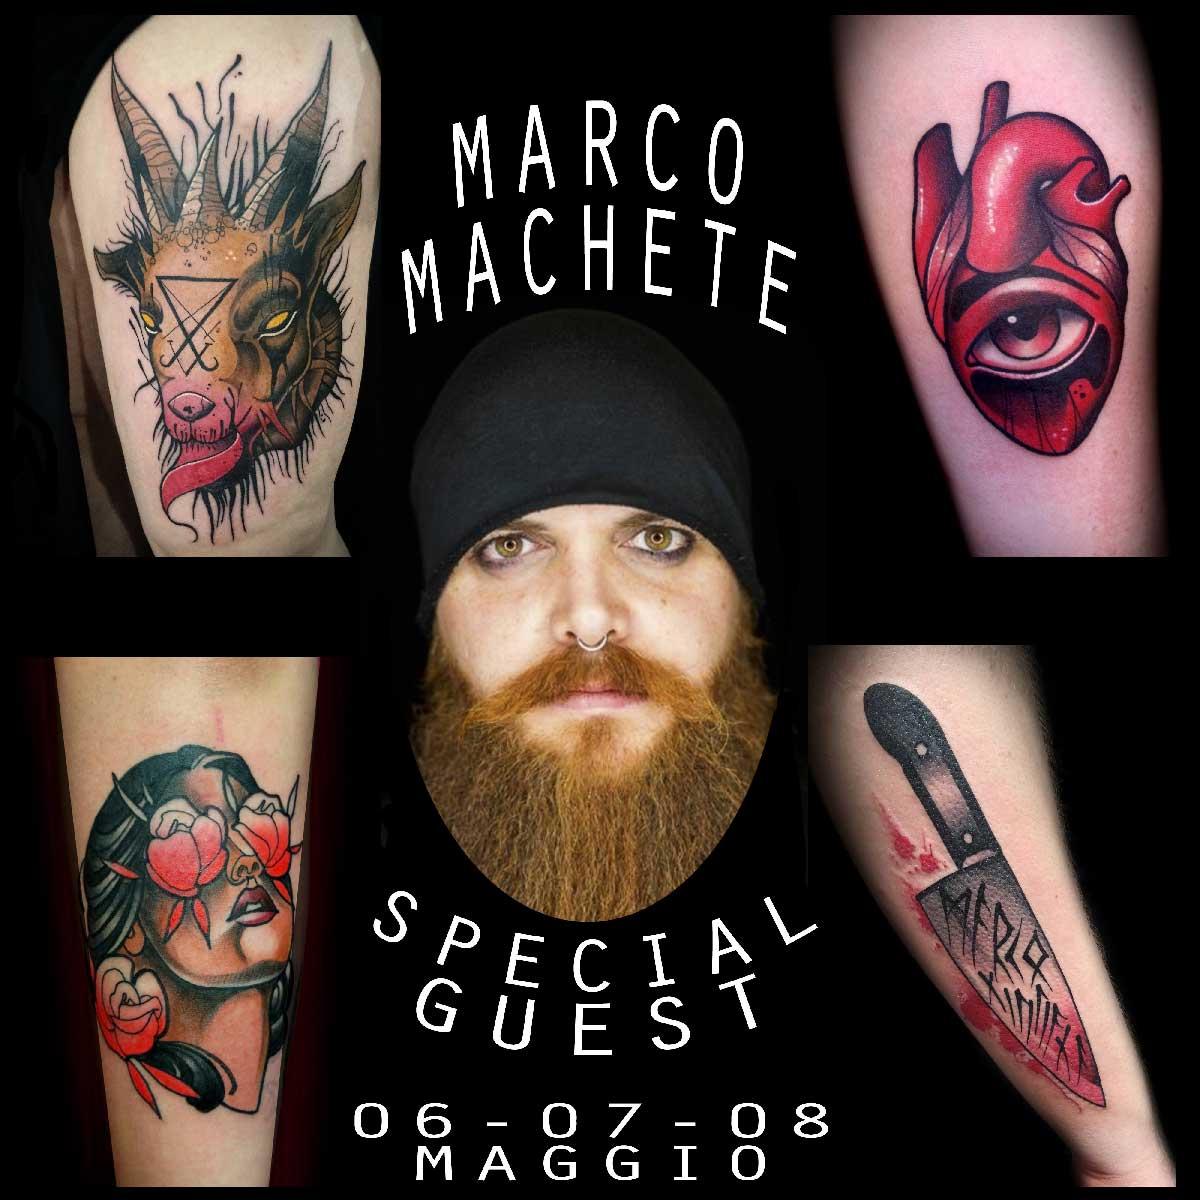 Marco Machete Tattooer | Special Guest| Inside Tattoo Shop di Donna Mayla | Alba Adriatica | Tatuaggi | Piercing